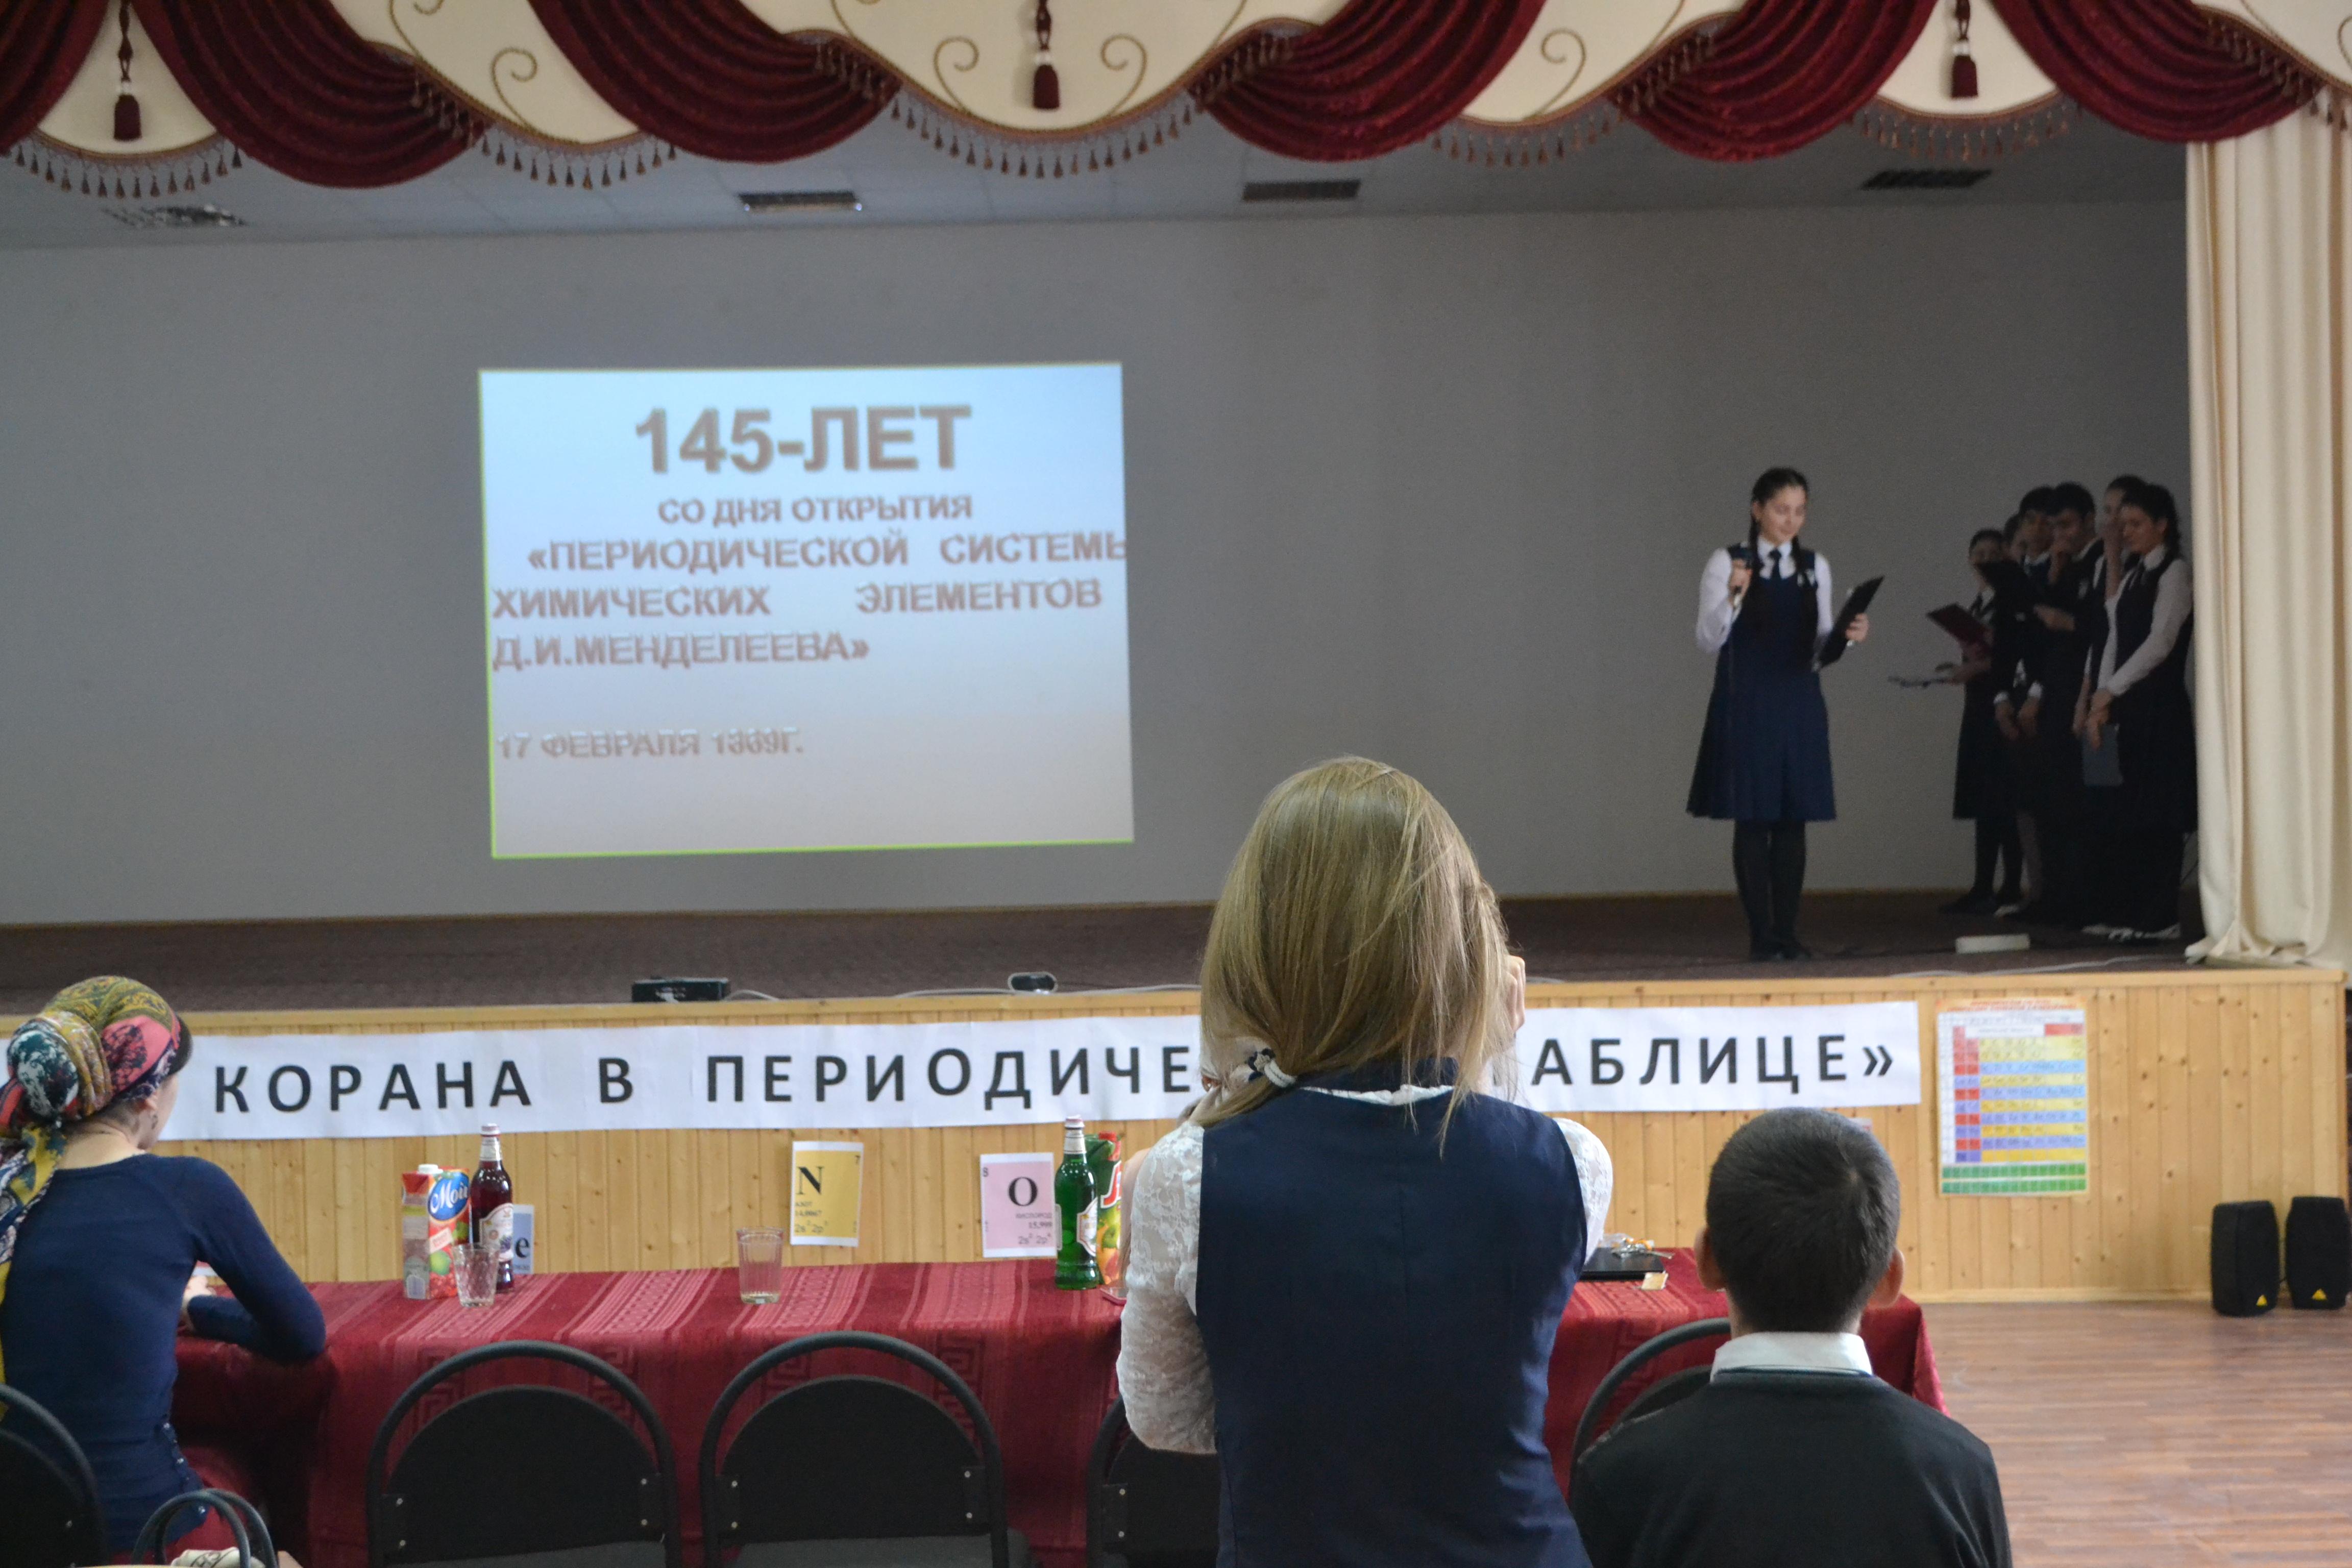 Мероприятие, приуроченное к 145-летию со дня открытия Периодической системы Д.И.Менделеевым